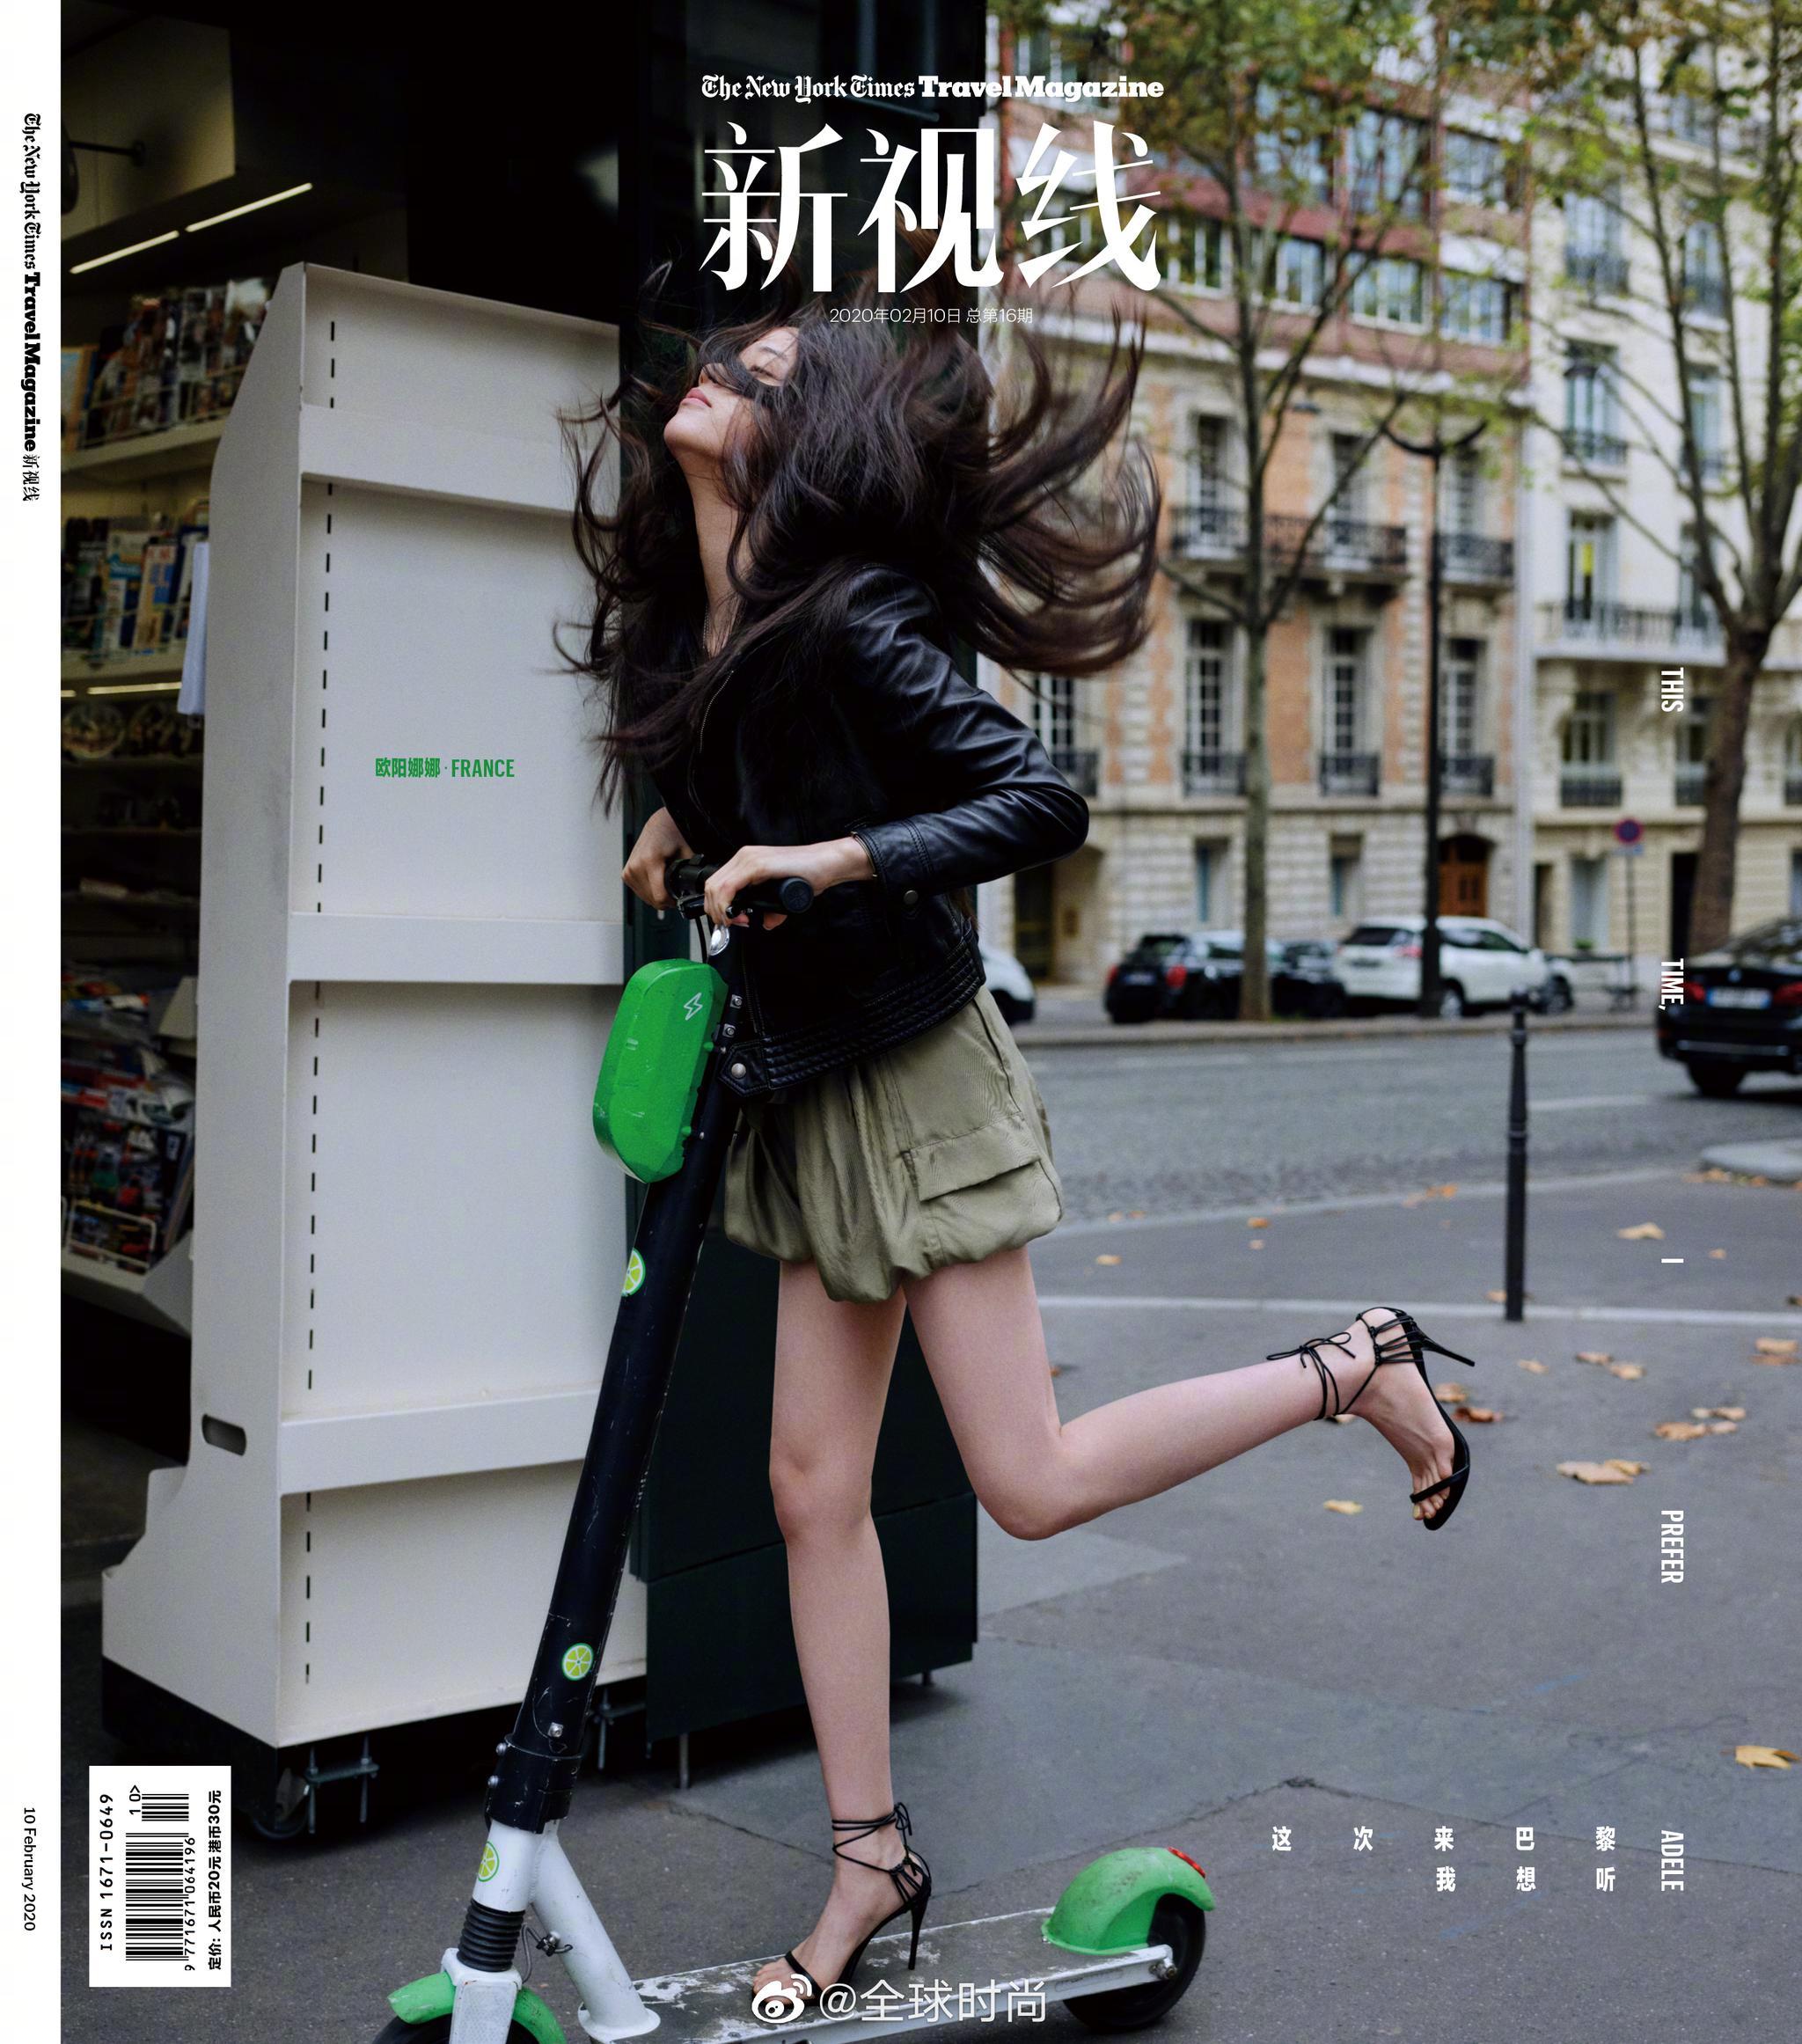 欧阳娜娜 &《NYTimesTravel新视线》封面大片,巴黎街头的休闲时光